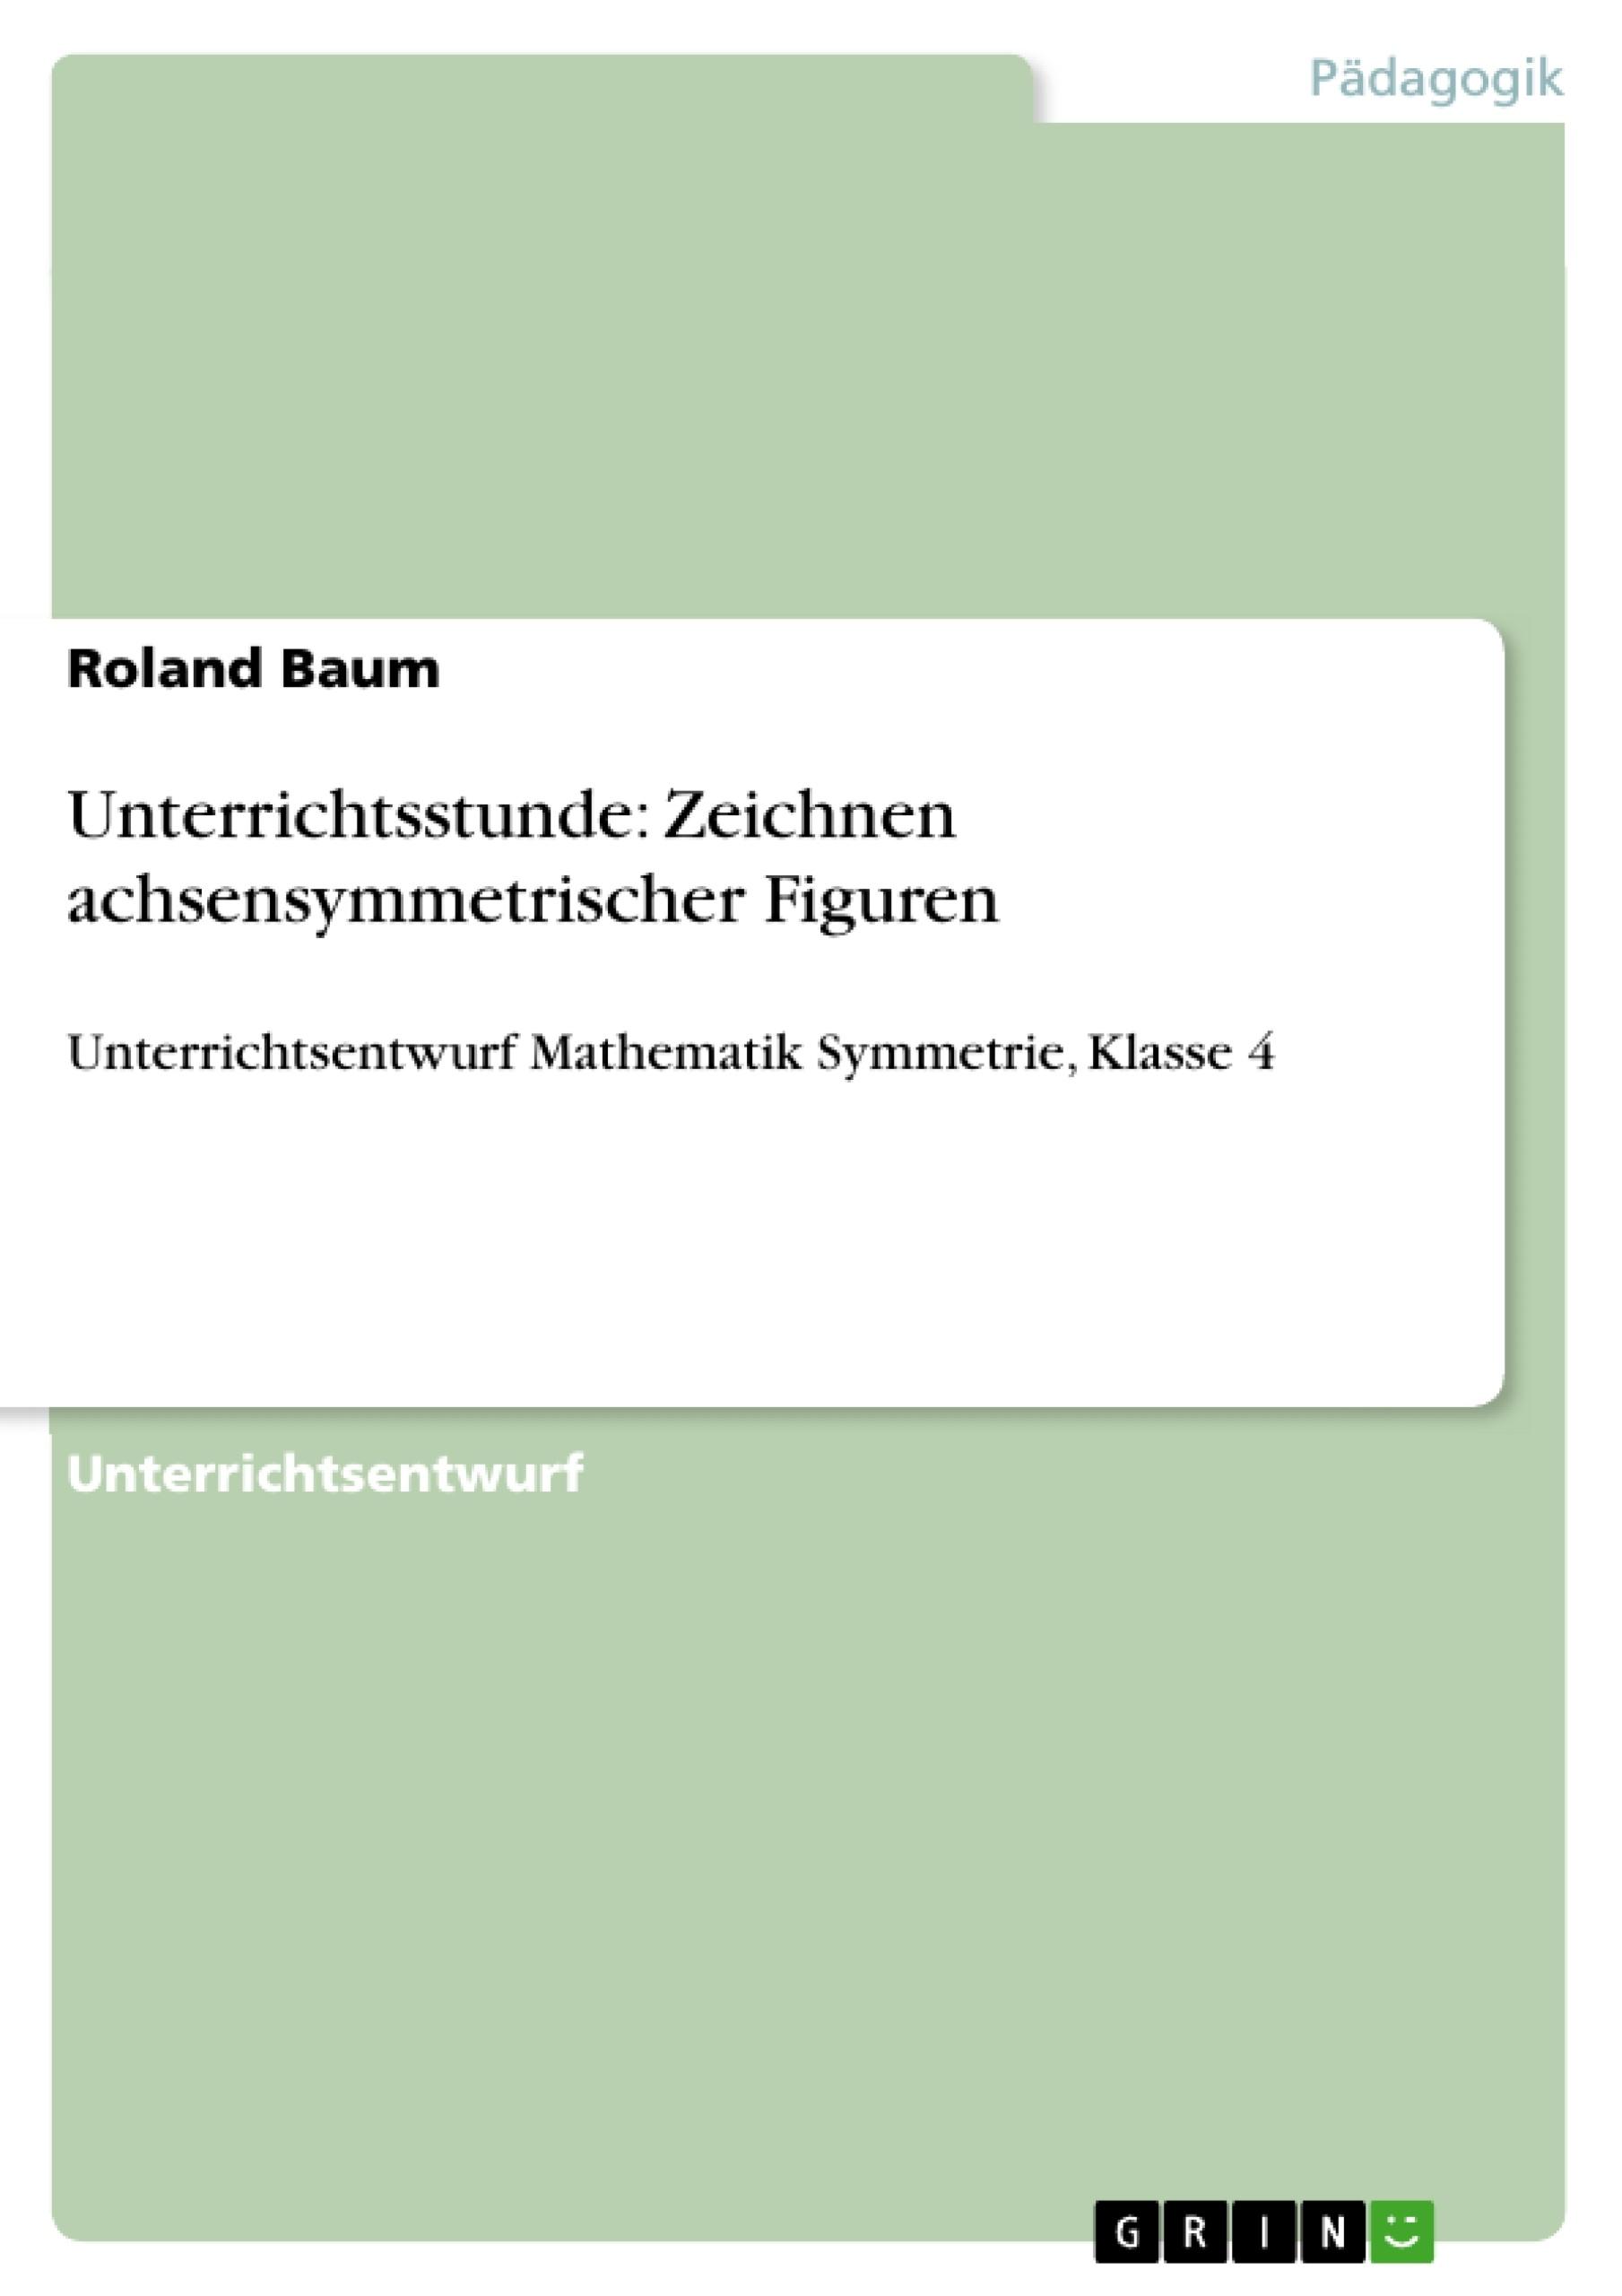 Titel: Unterrichtsstunde: Zeichnen achsensymmetrischer Figuren